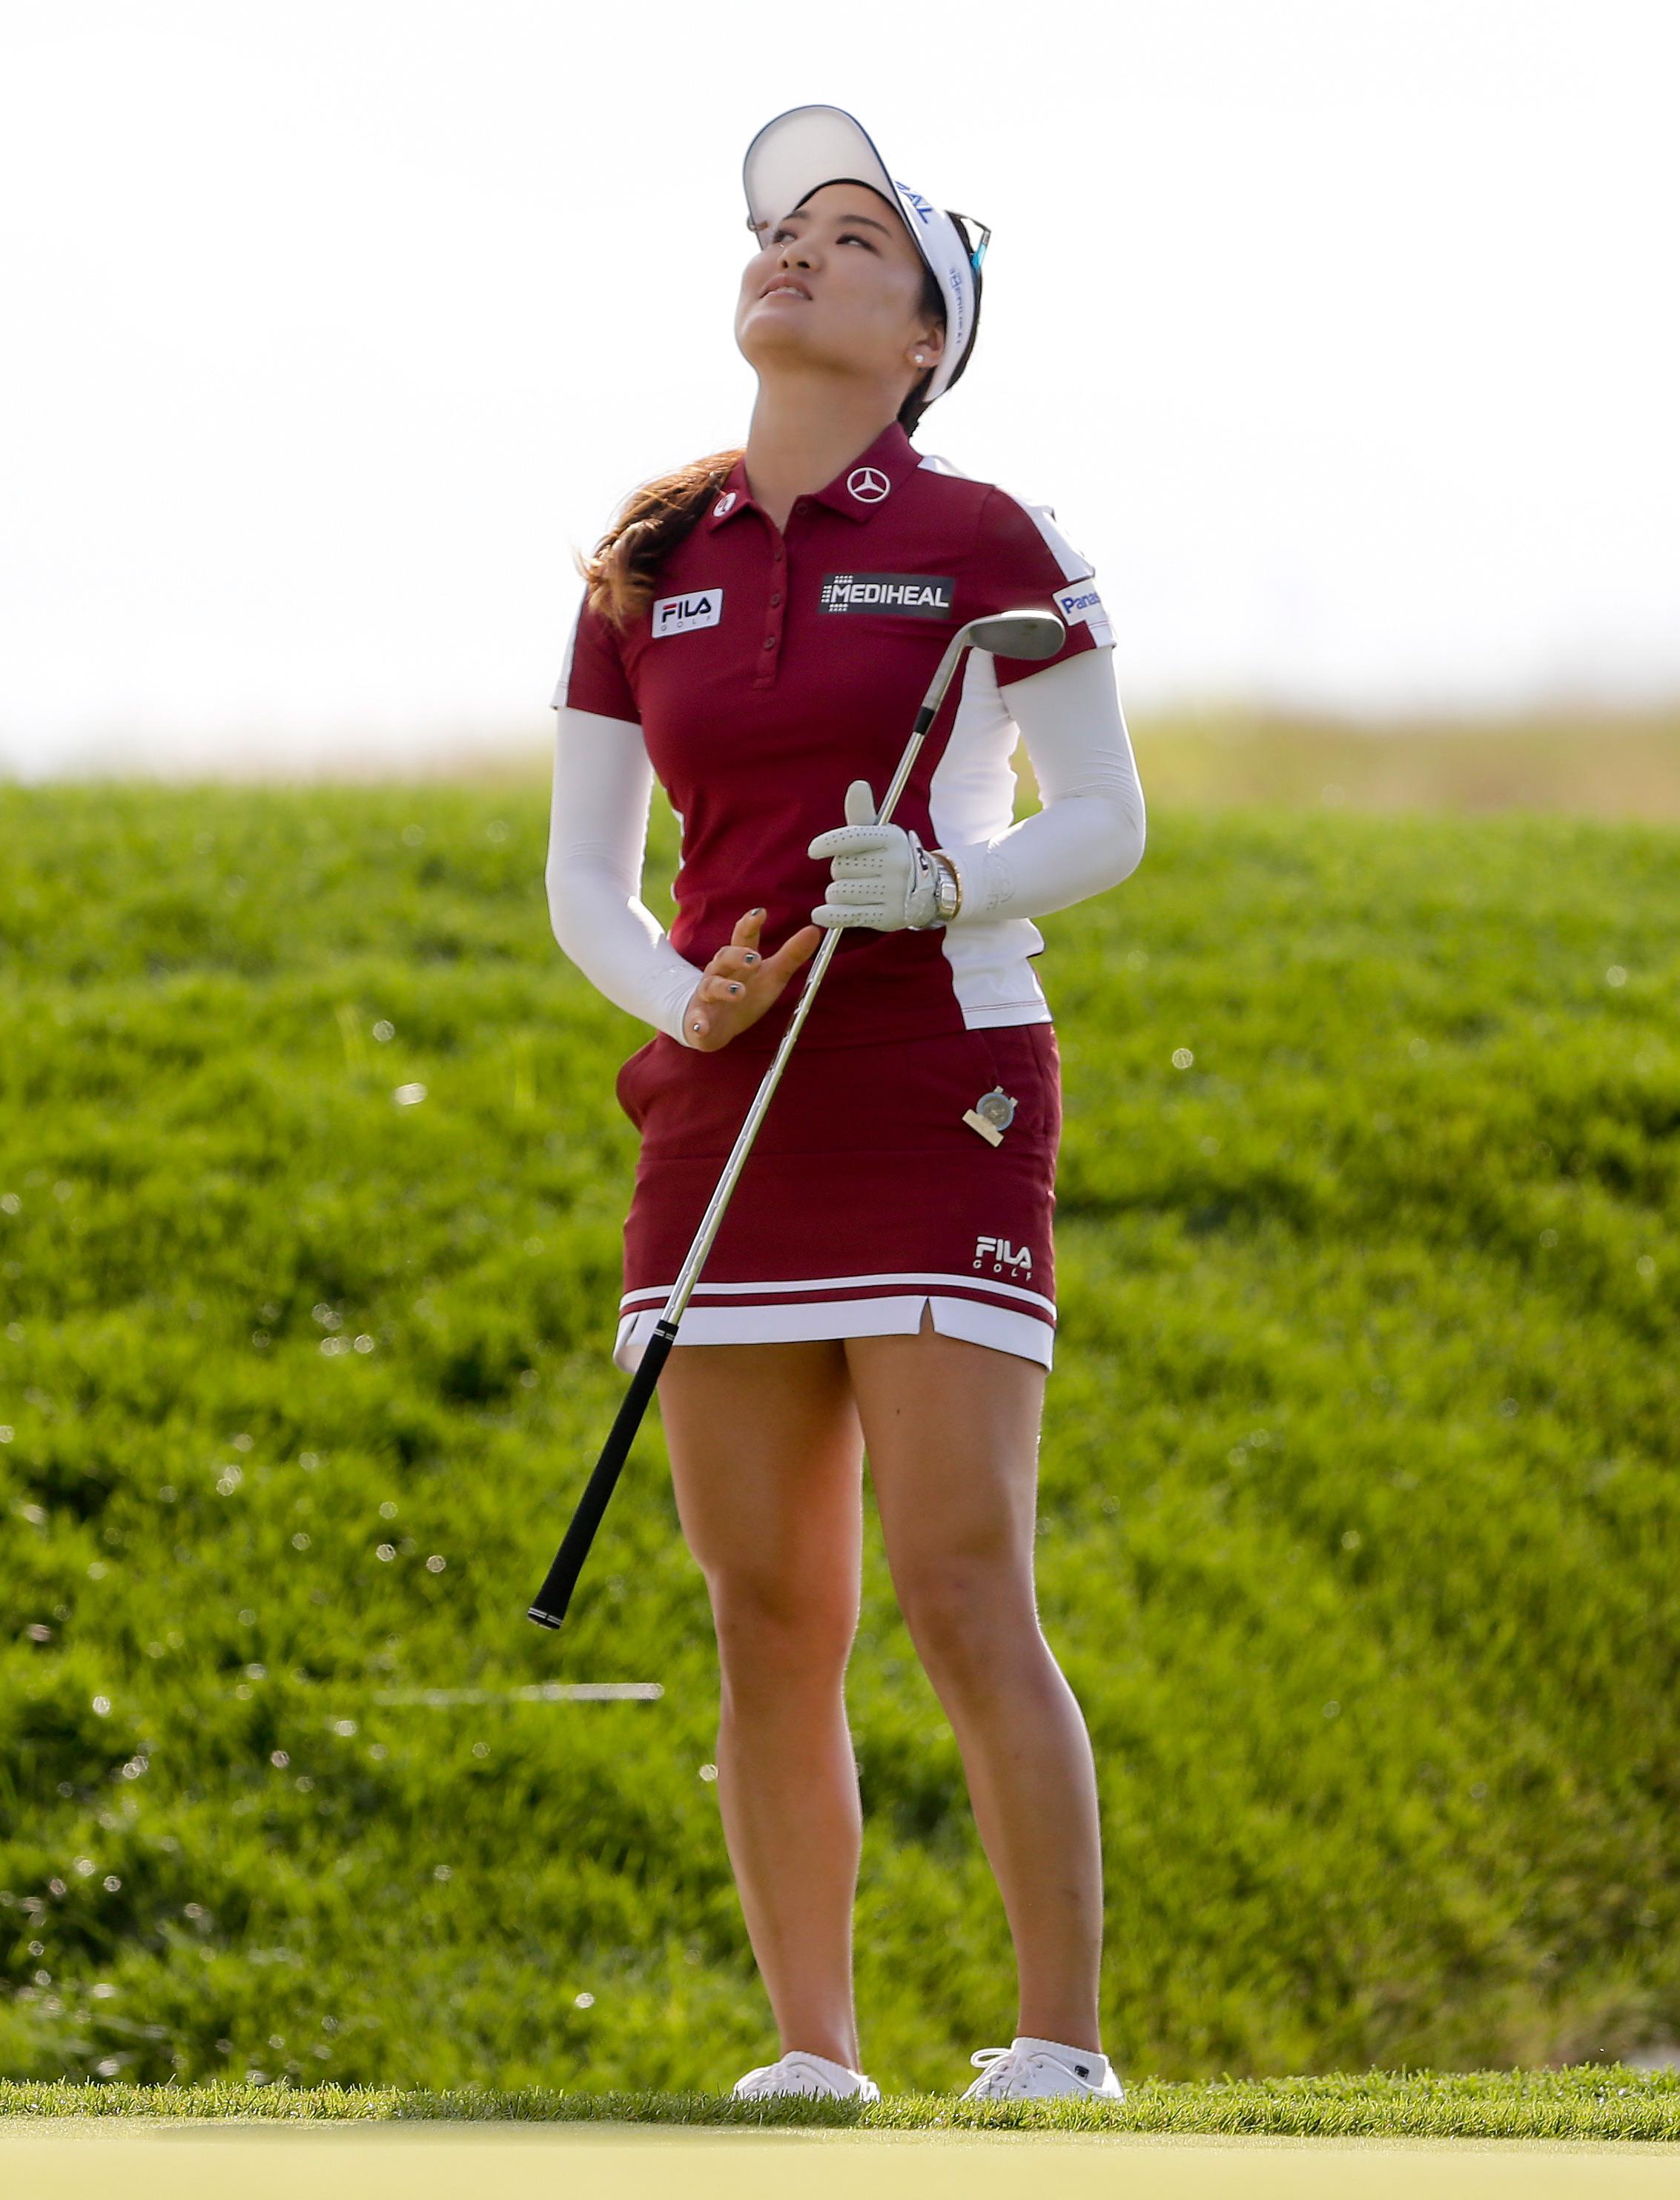 La surcoreana So Yeon Ryu, una de las jugadoras amantes de la minifalda en el golf. Foto AP.